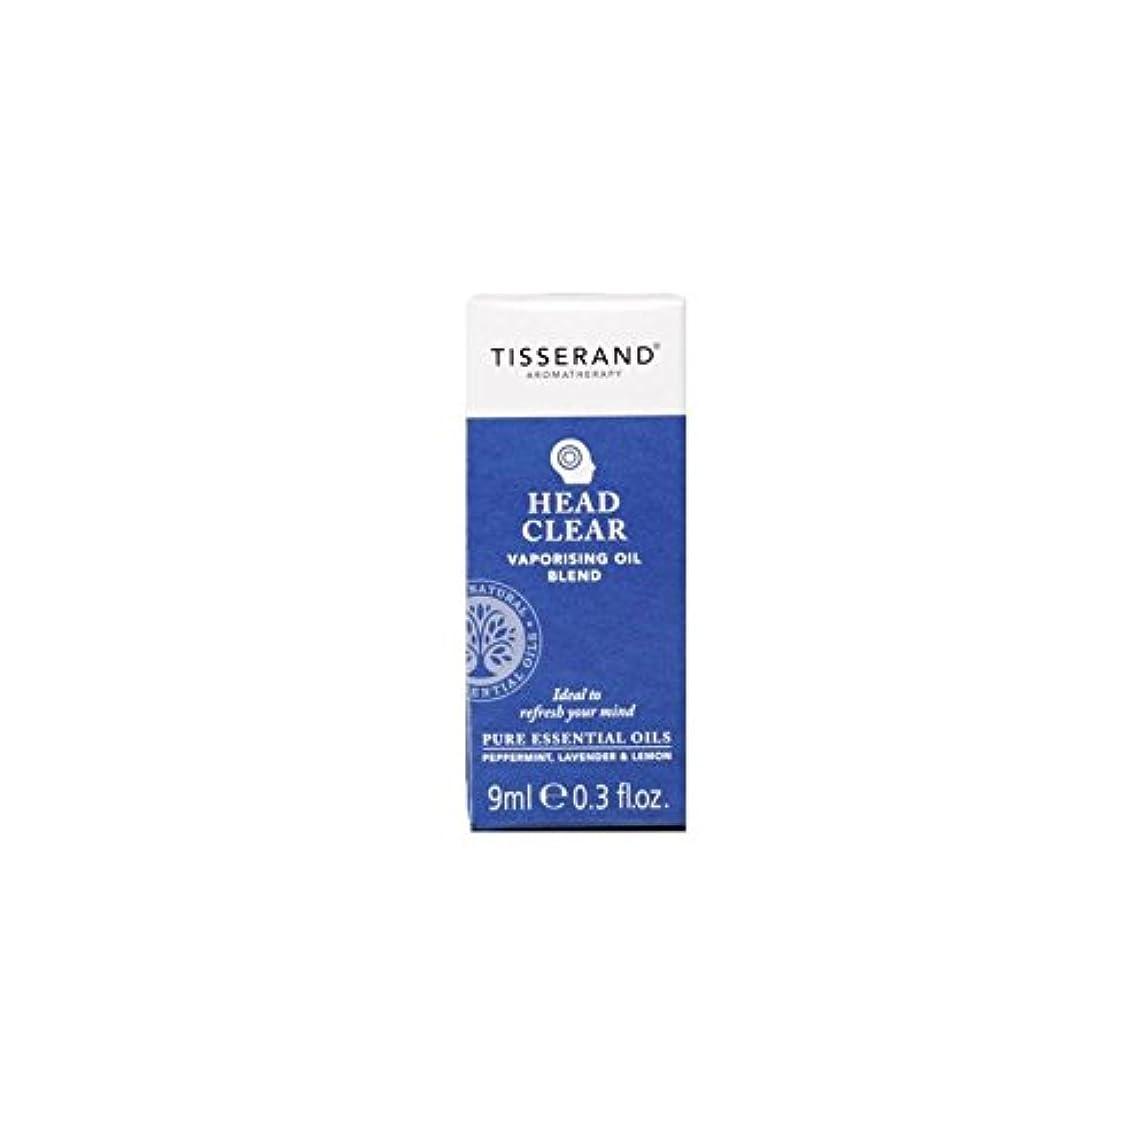 下にブランド名租界ヘッド明確な気化油の9ミリリットル (Tisserand) (x 4) - Tisserand Head Clear Vaporising Oil 9ml (Pack of 4) [並行輸入品]